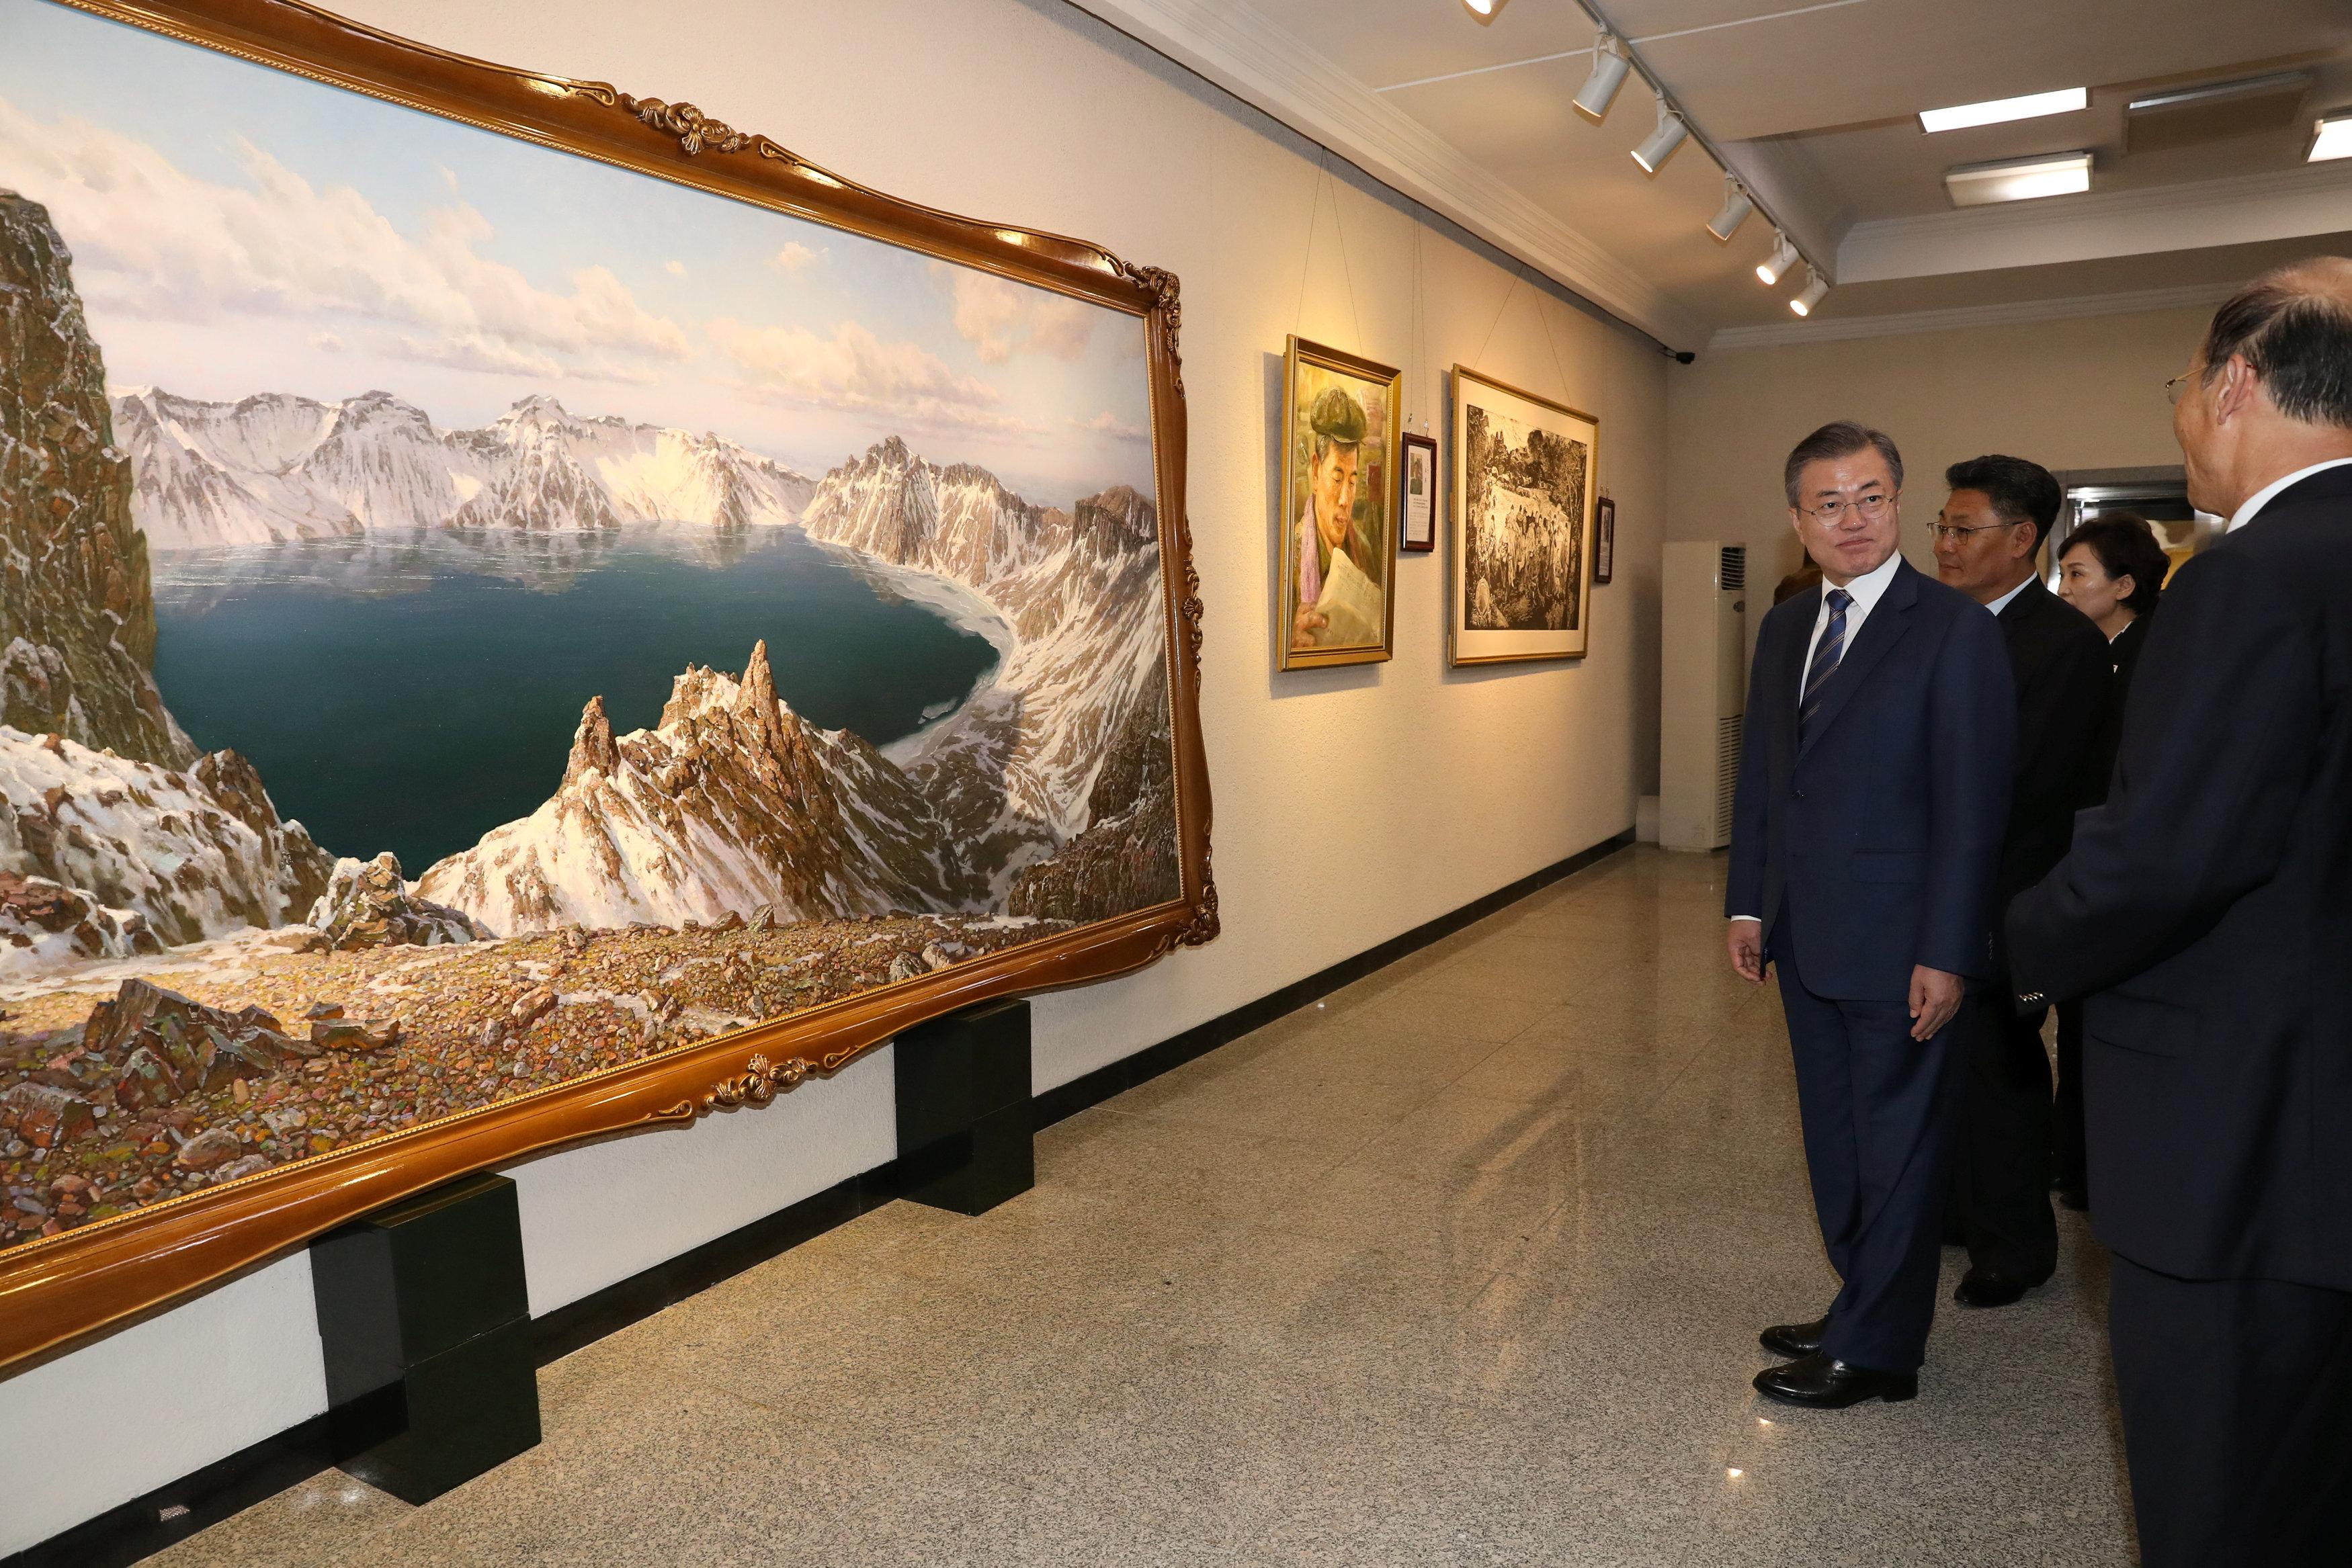 مون فى زيارته لمعرض فنى ببيونج يانج